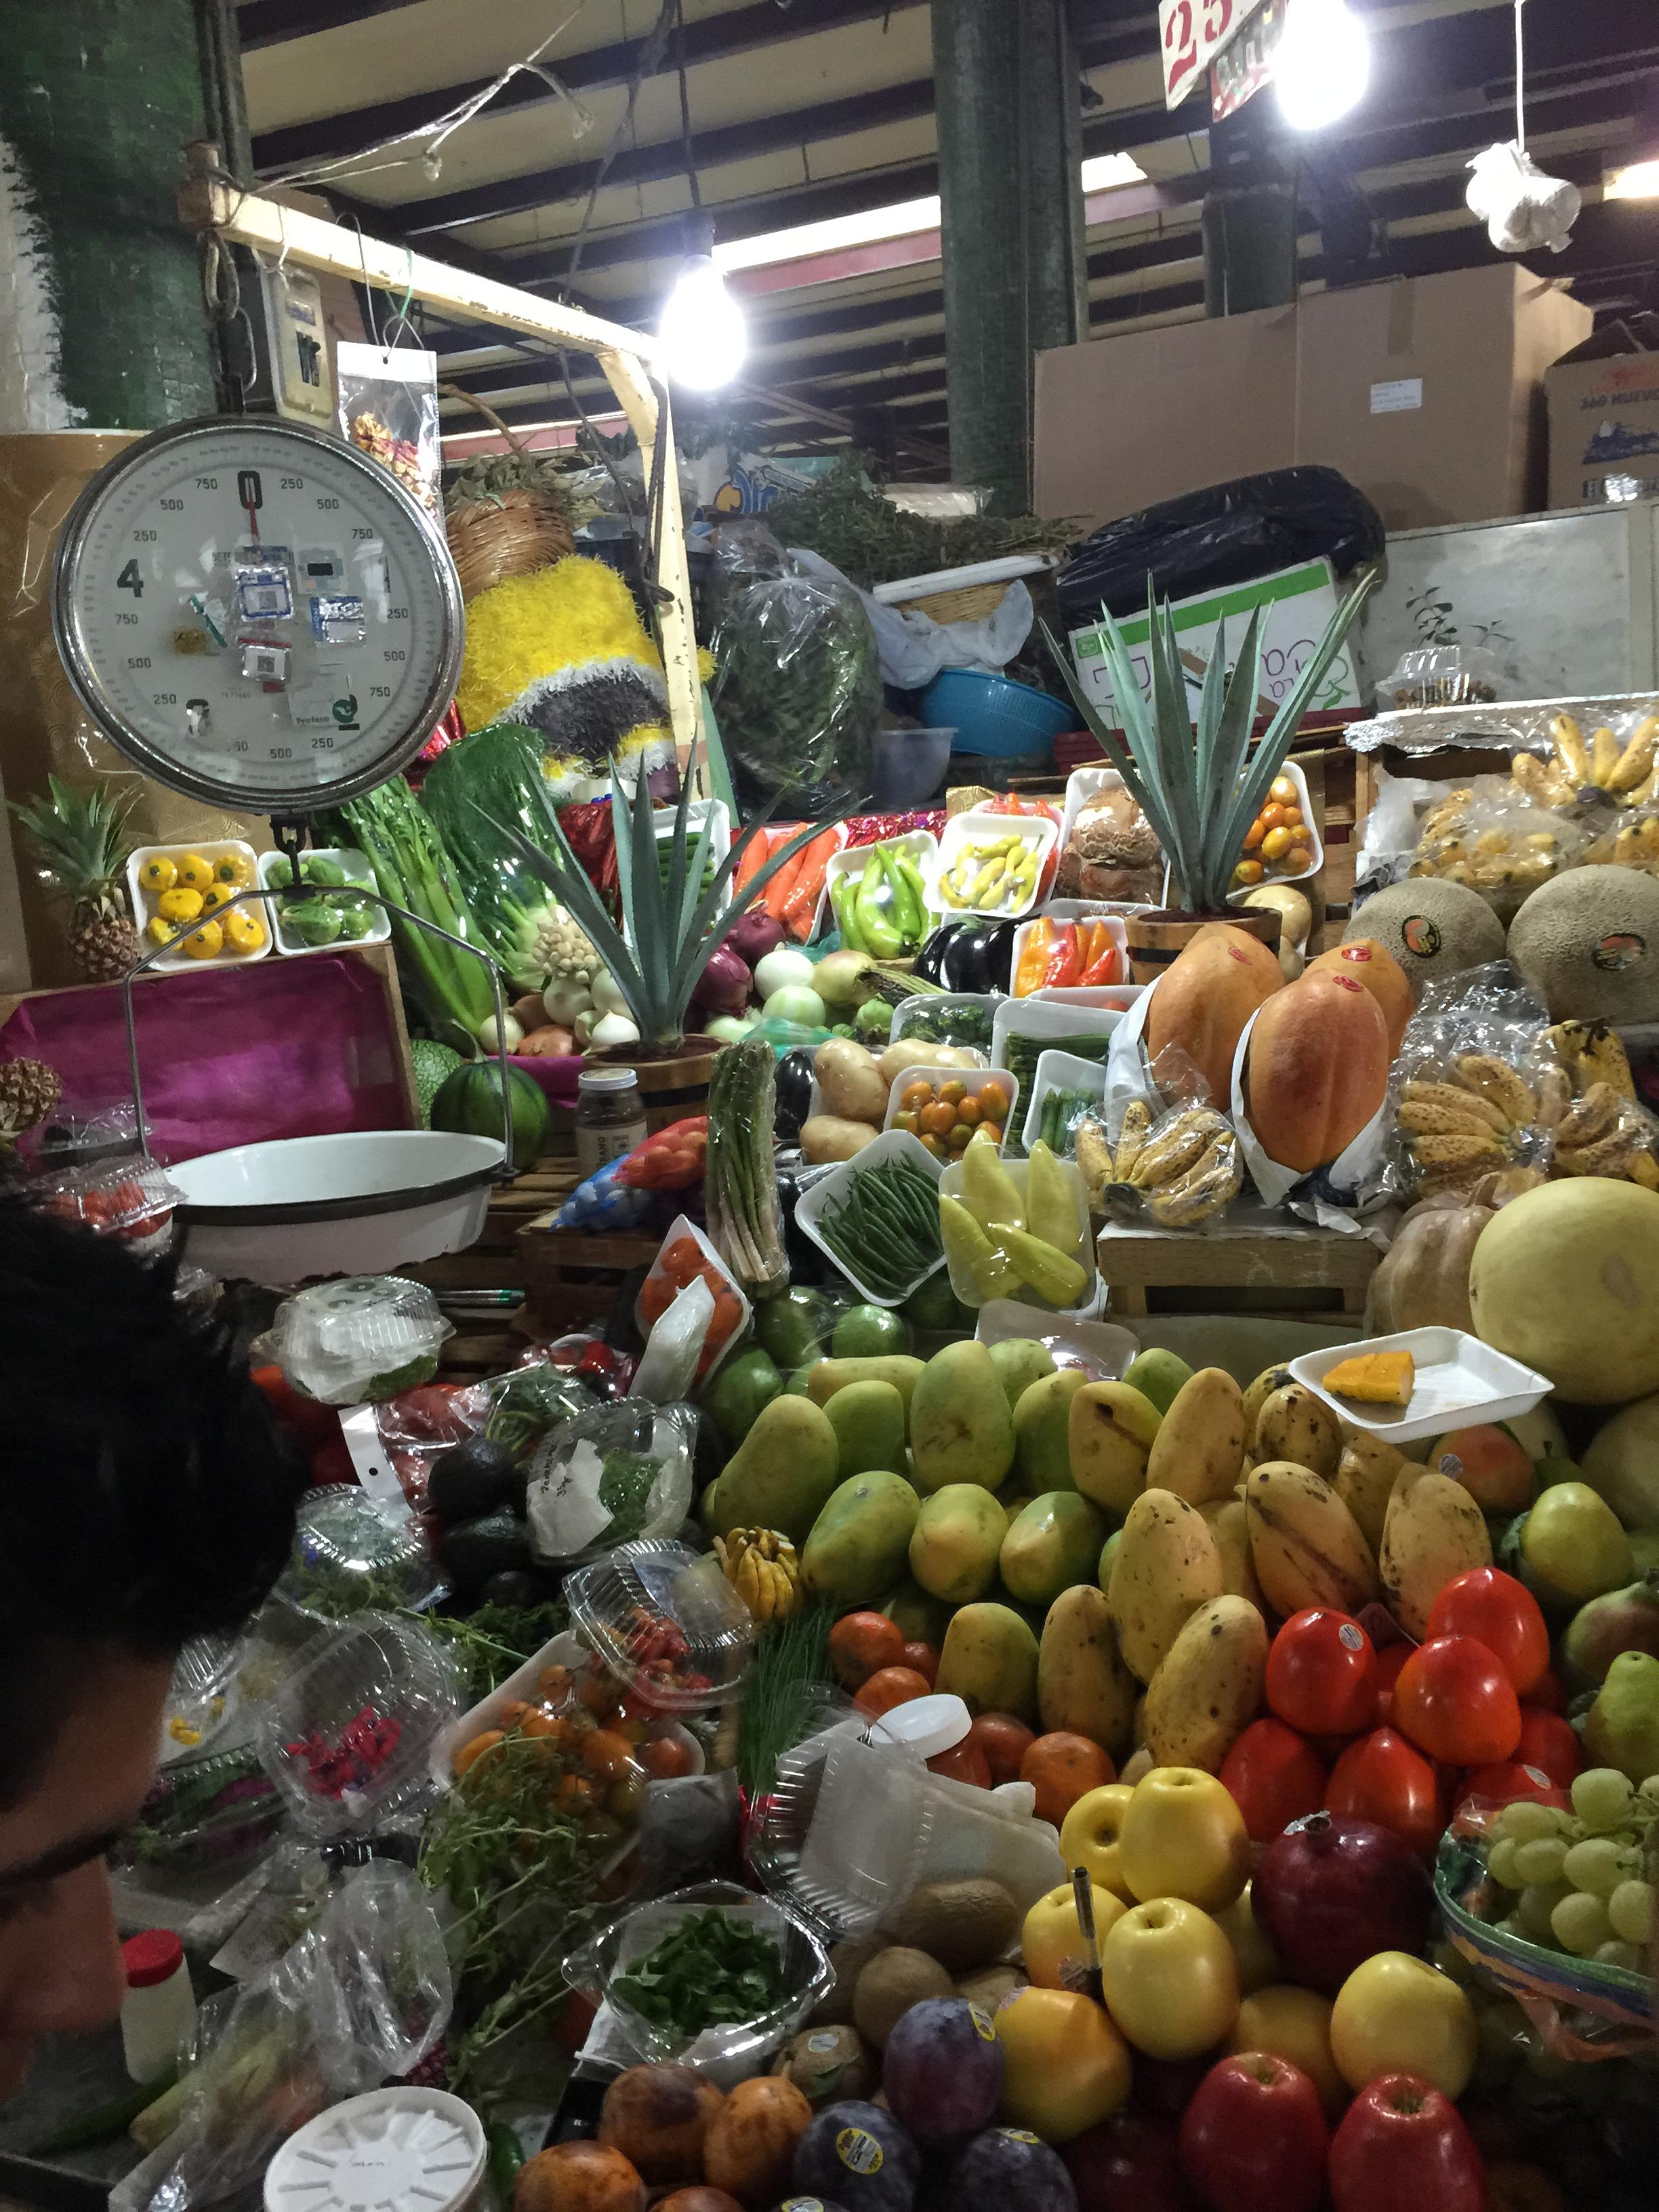 Fruits at the market.jpg